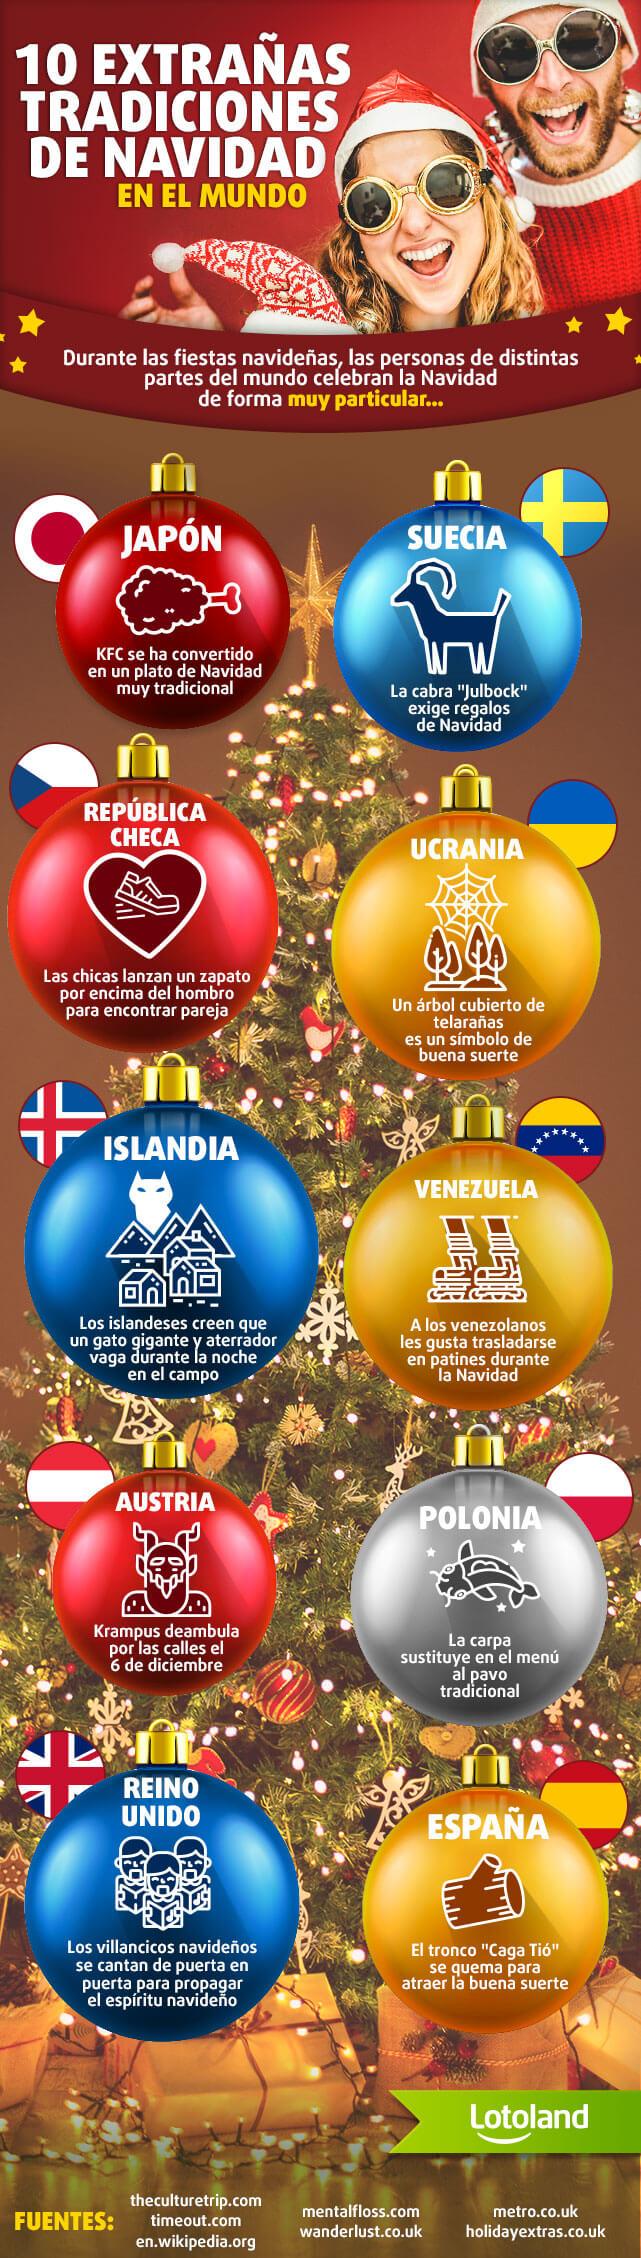 Infografía sobre las tradiciones extrañas de Navidad en distintos países